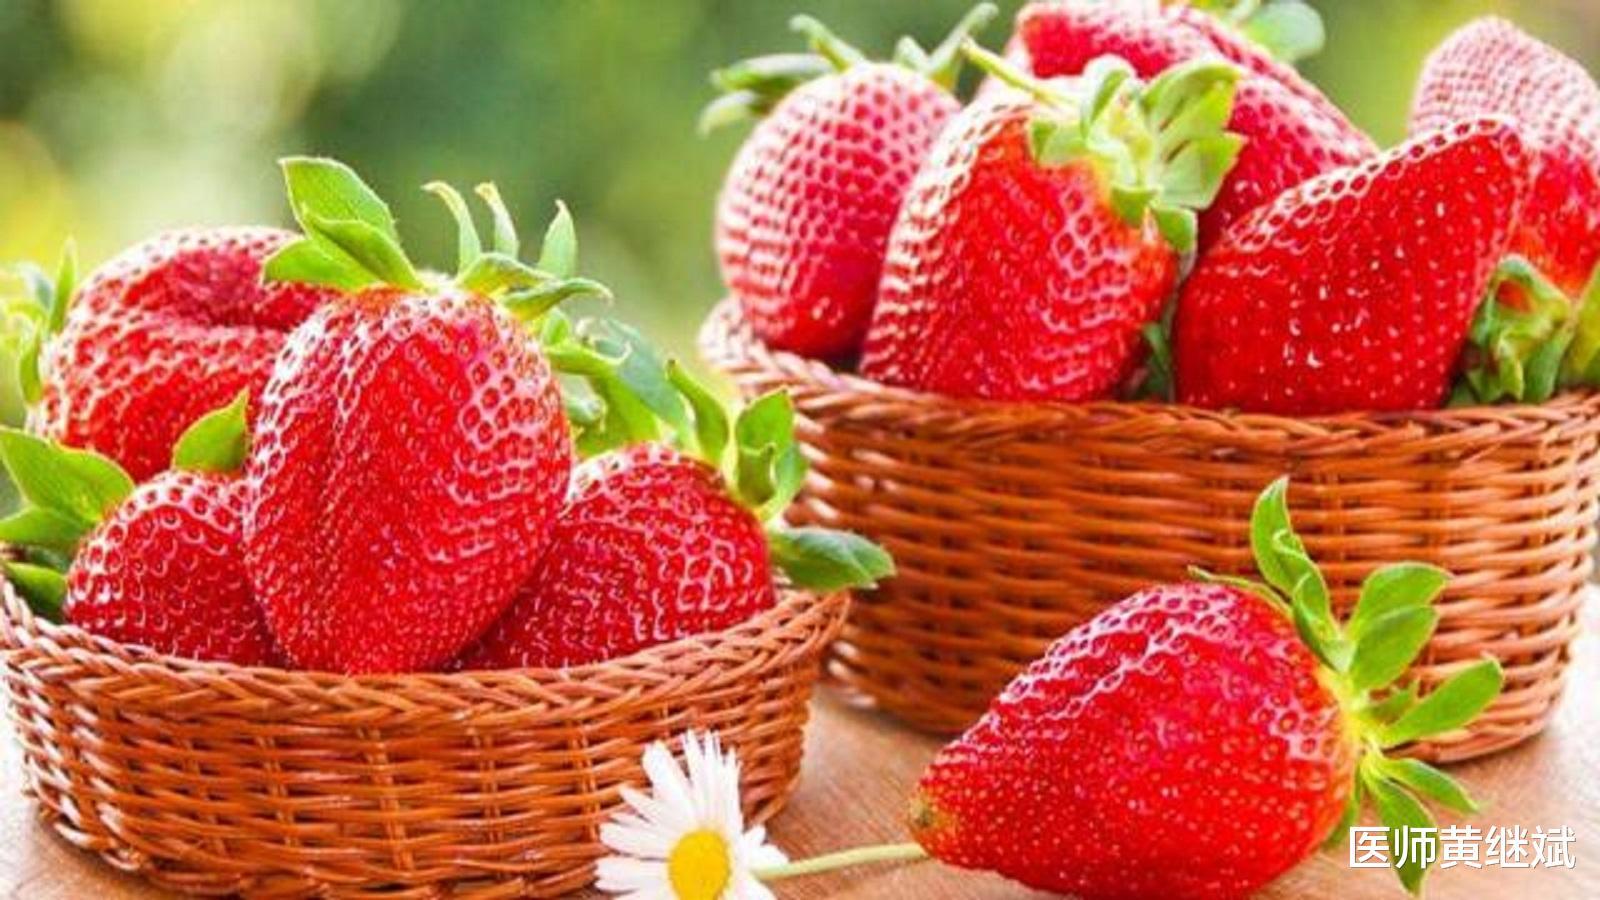 富含维生素C,被列入十大美容食品,草莓怎么吃更美白?